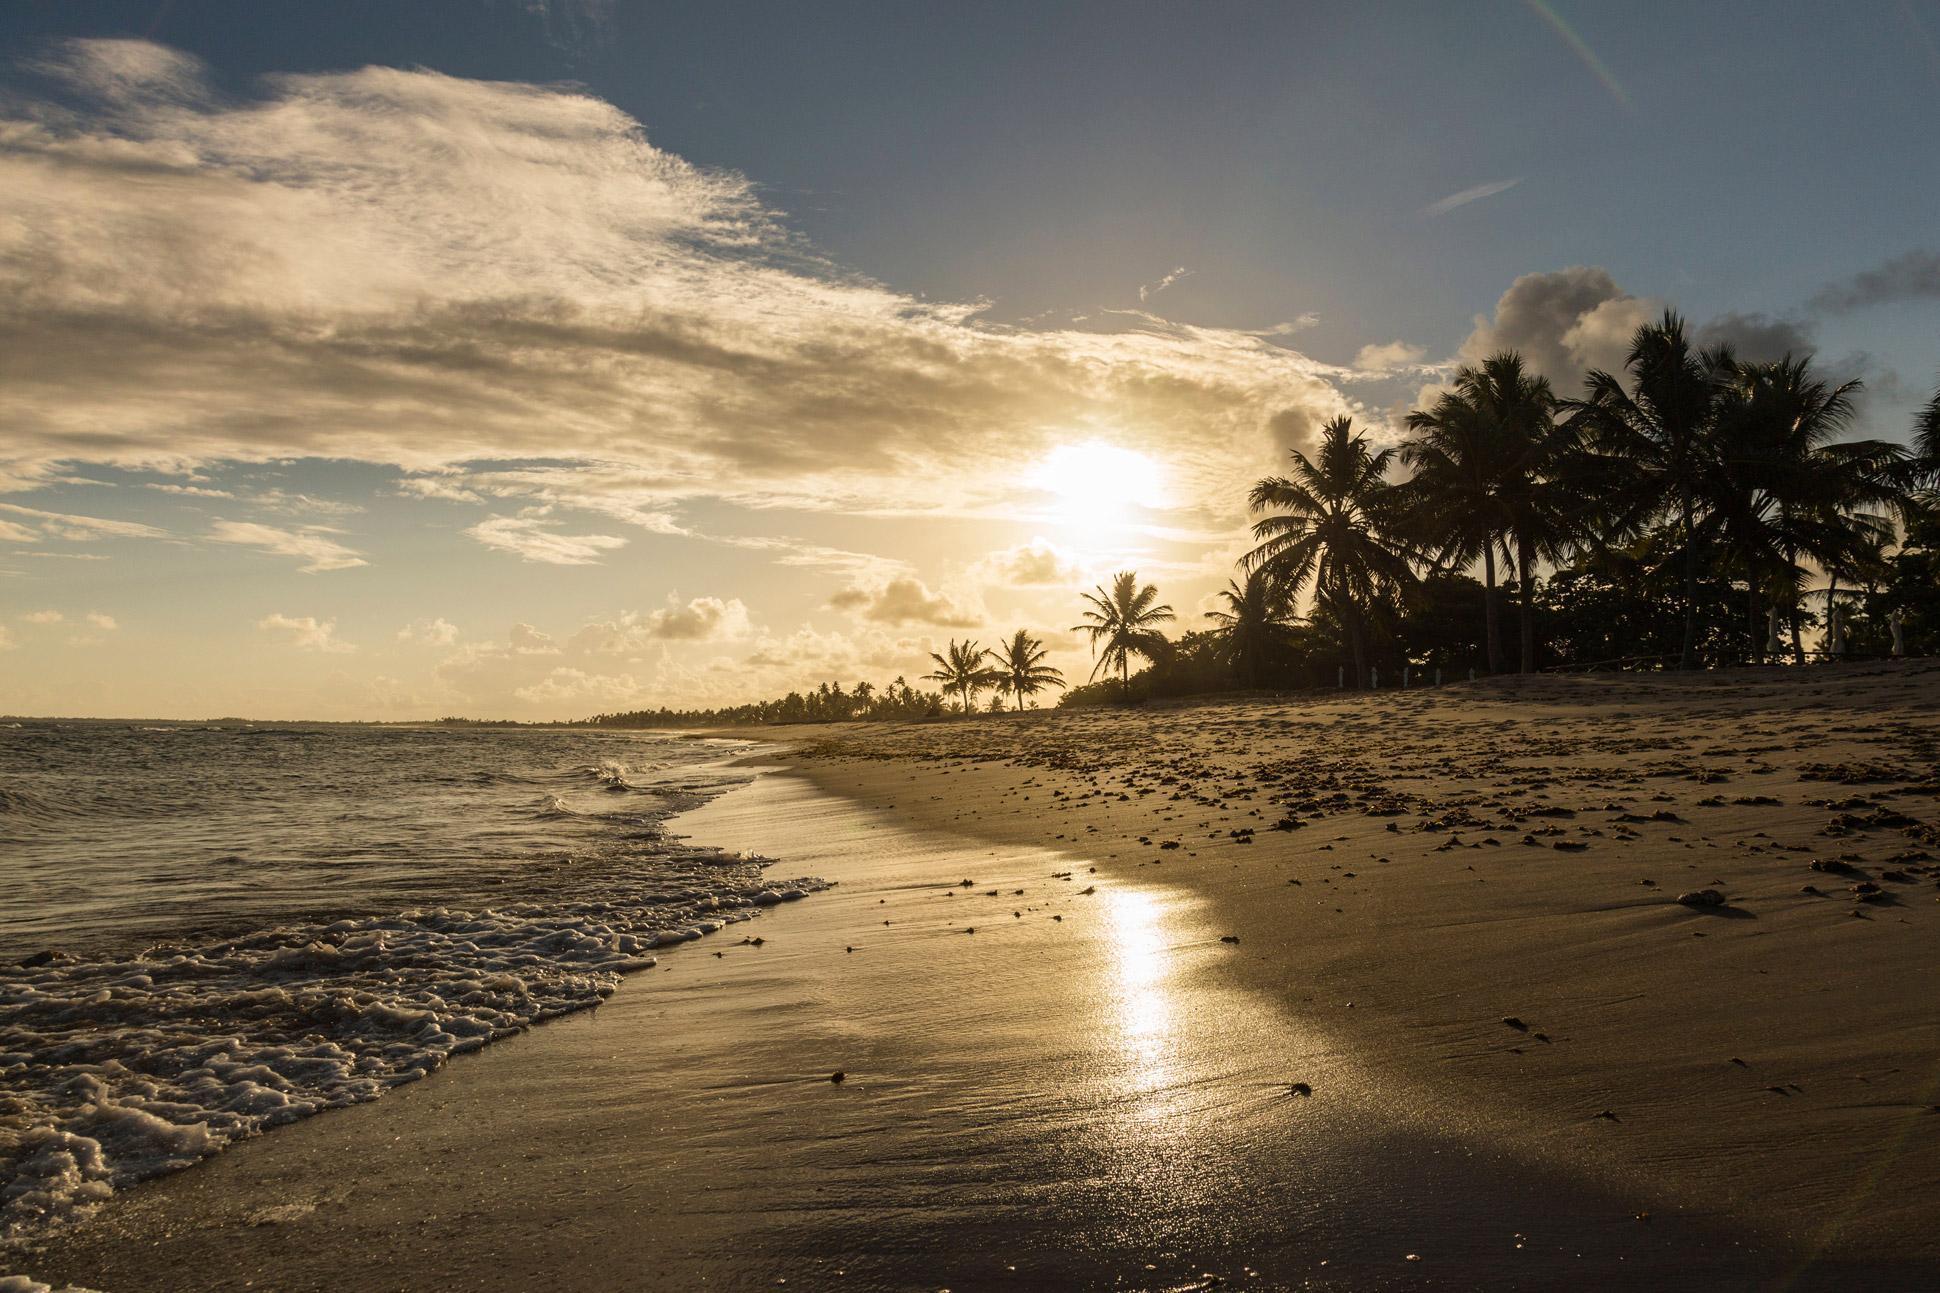 praia do forte na estrada do coco bahia